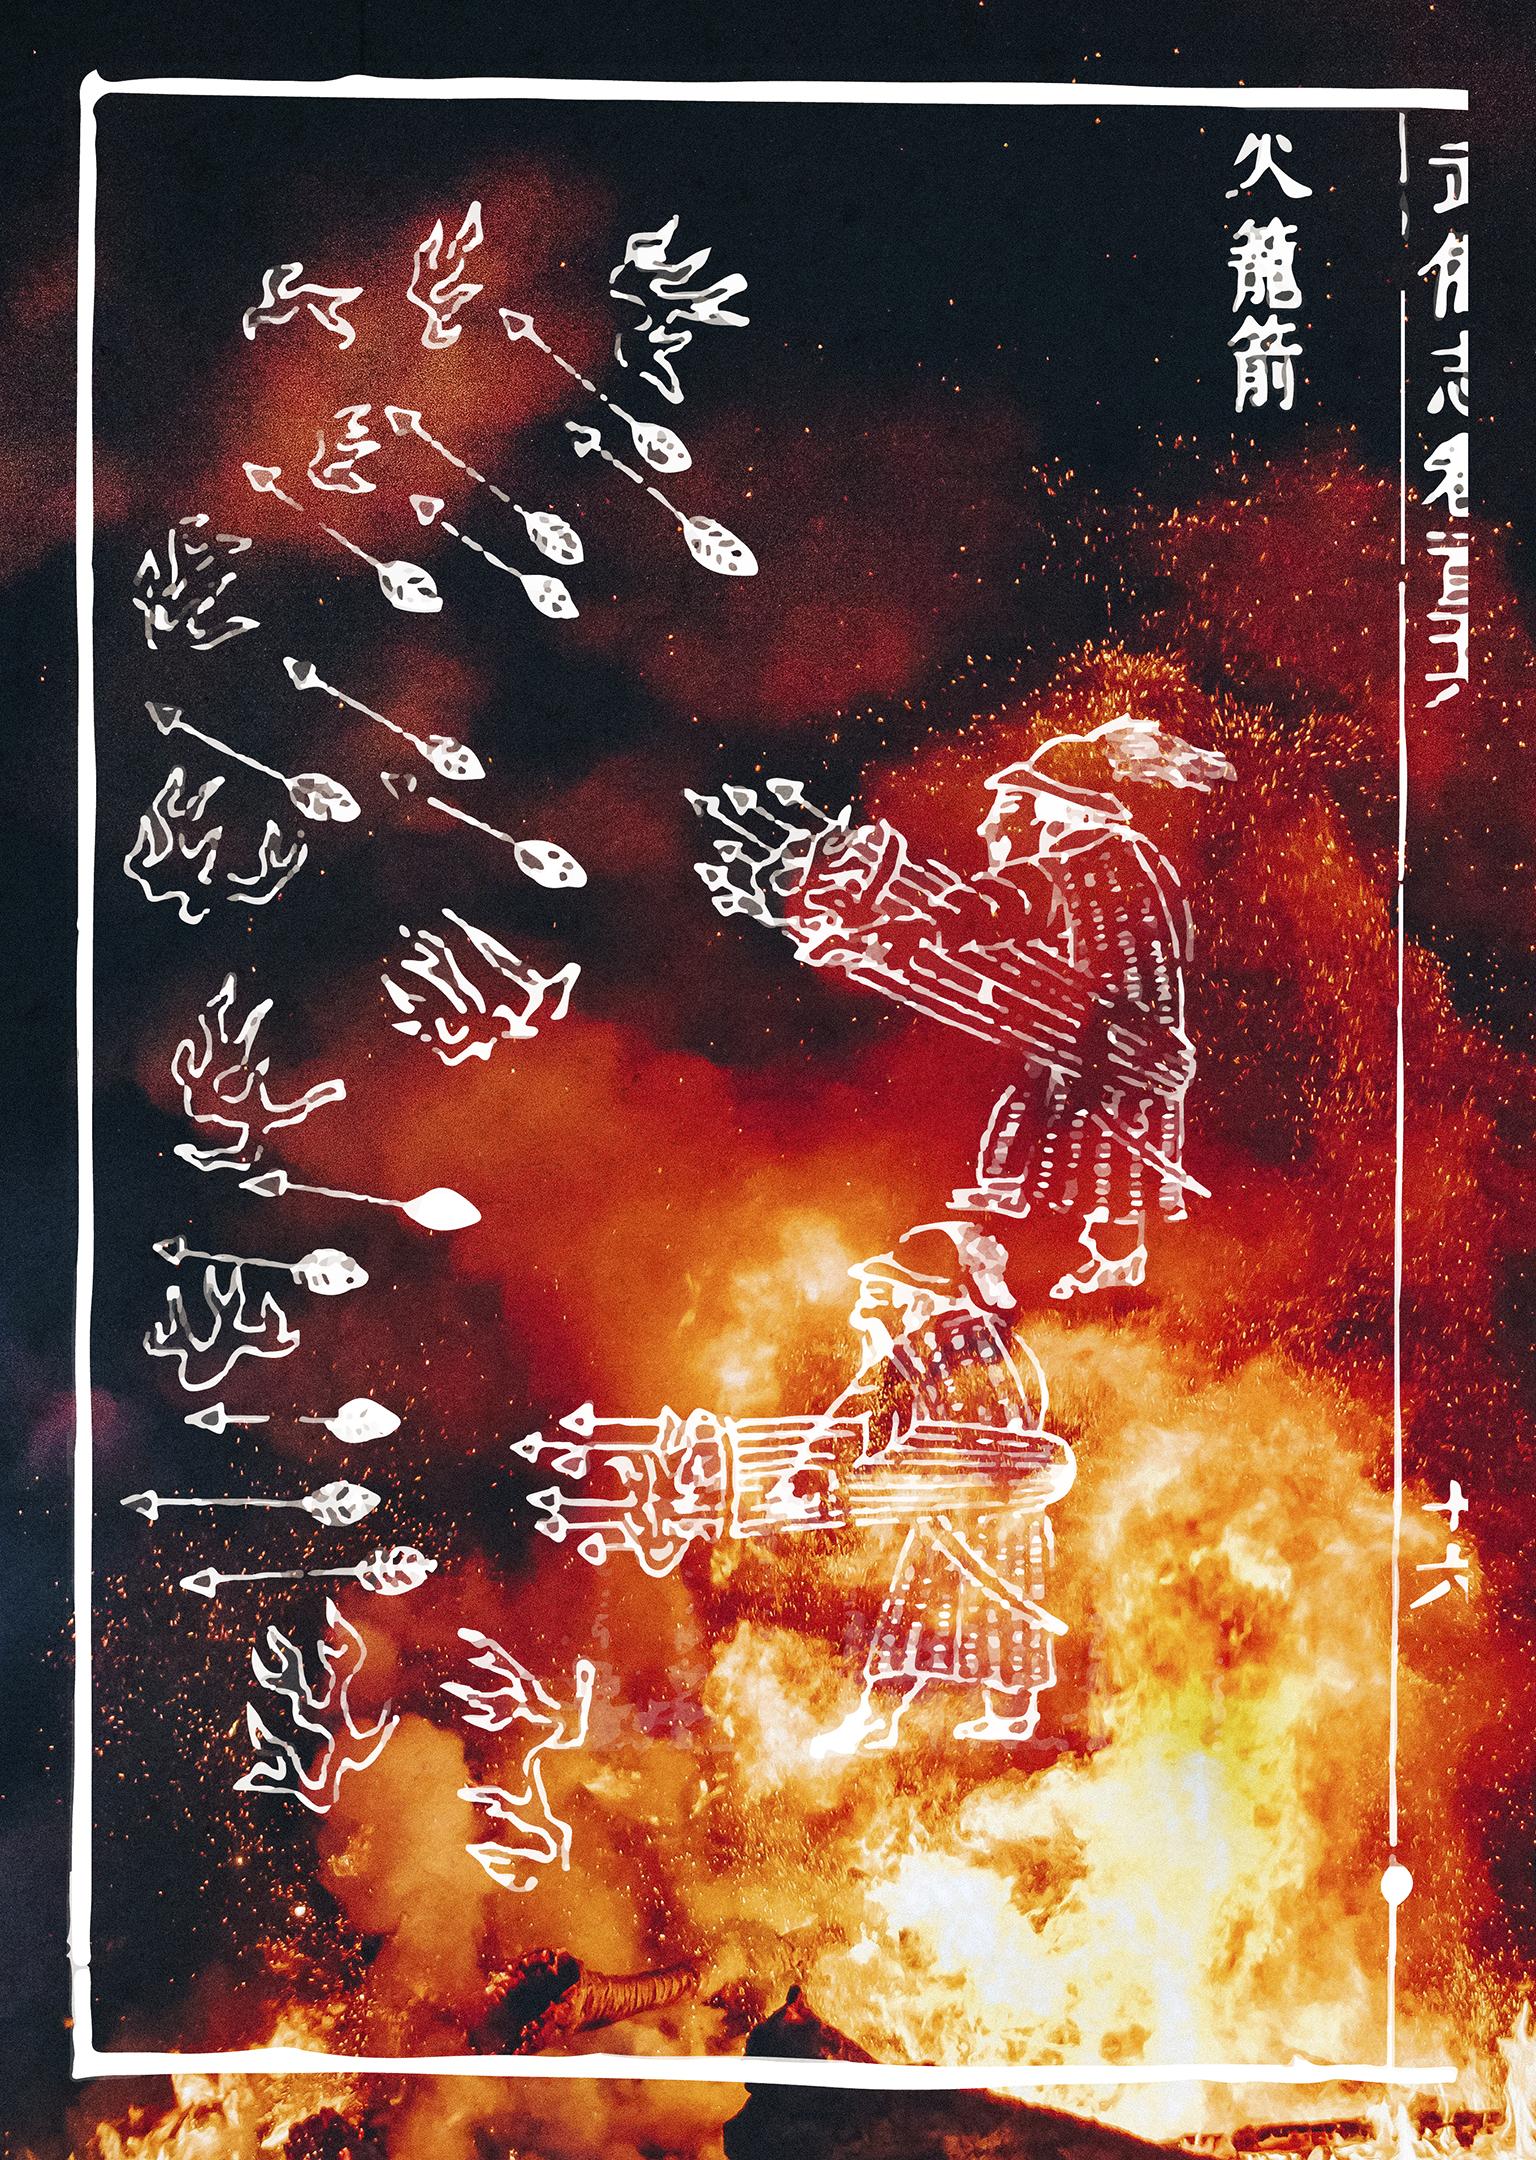 火藥 flechas de fogo retratadas no registro militar chines, Wubei Zhi